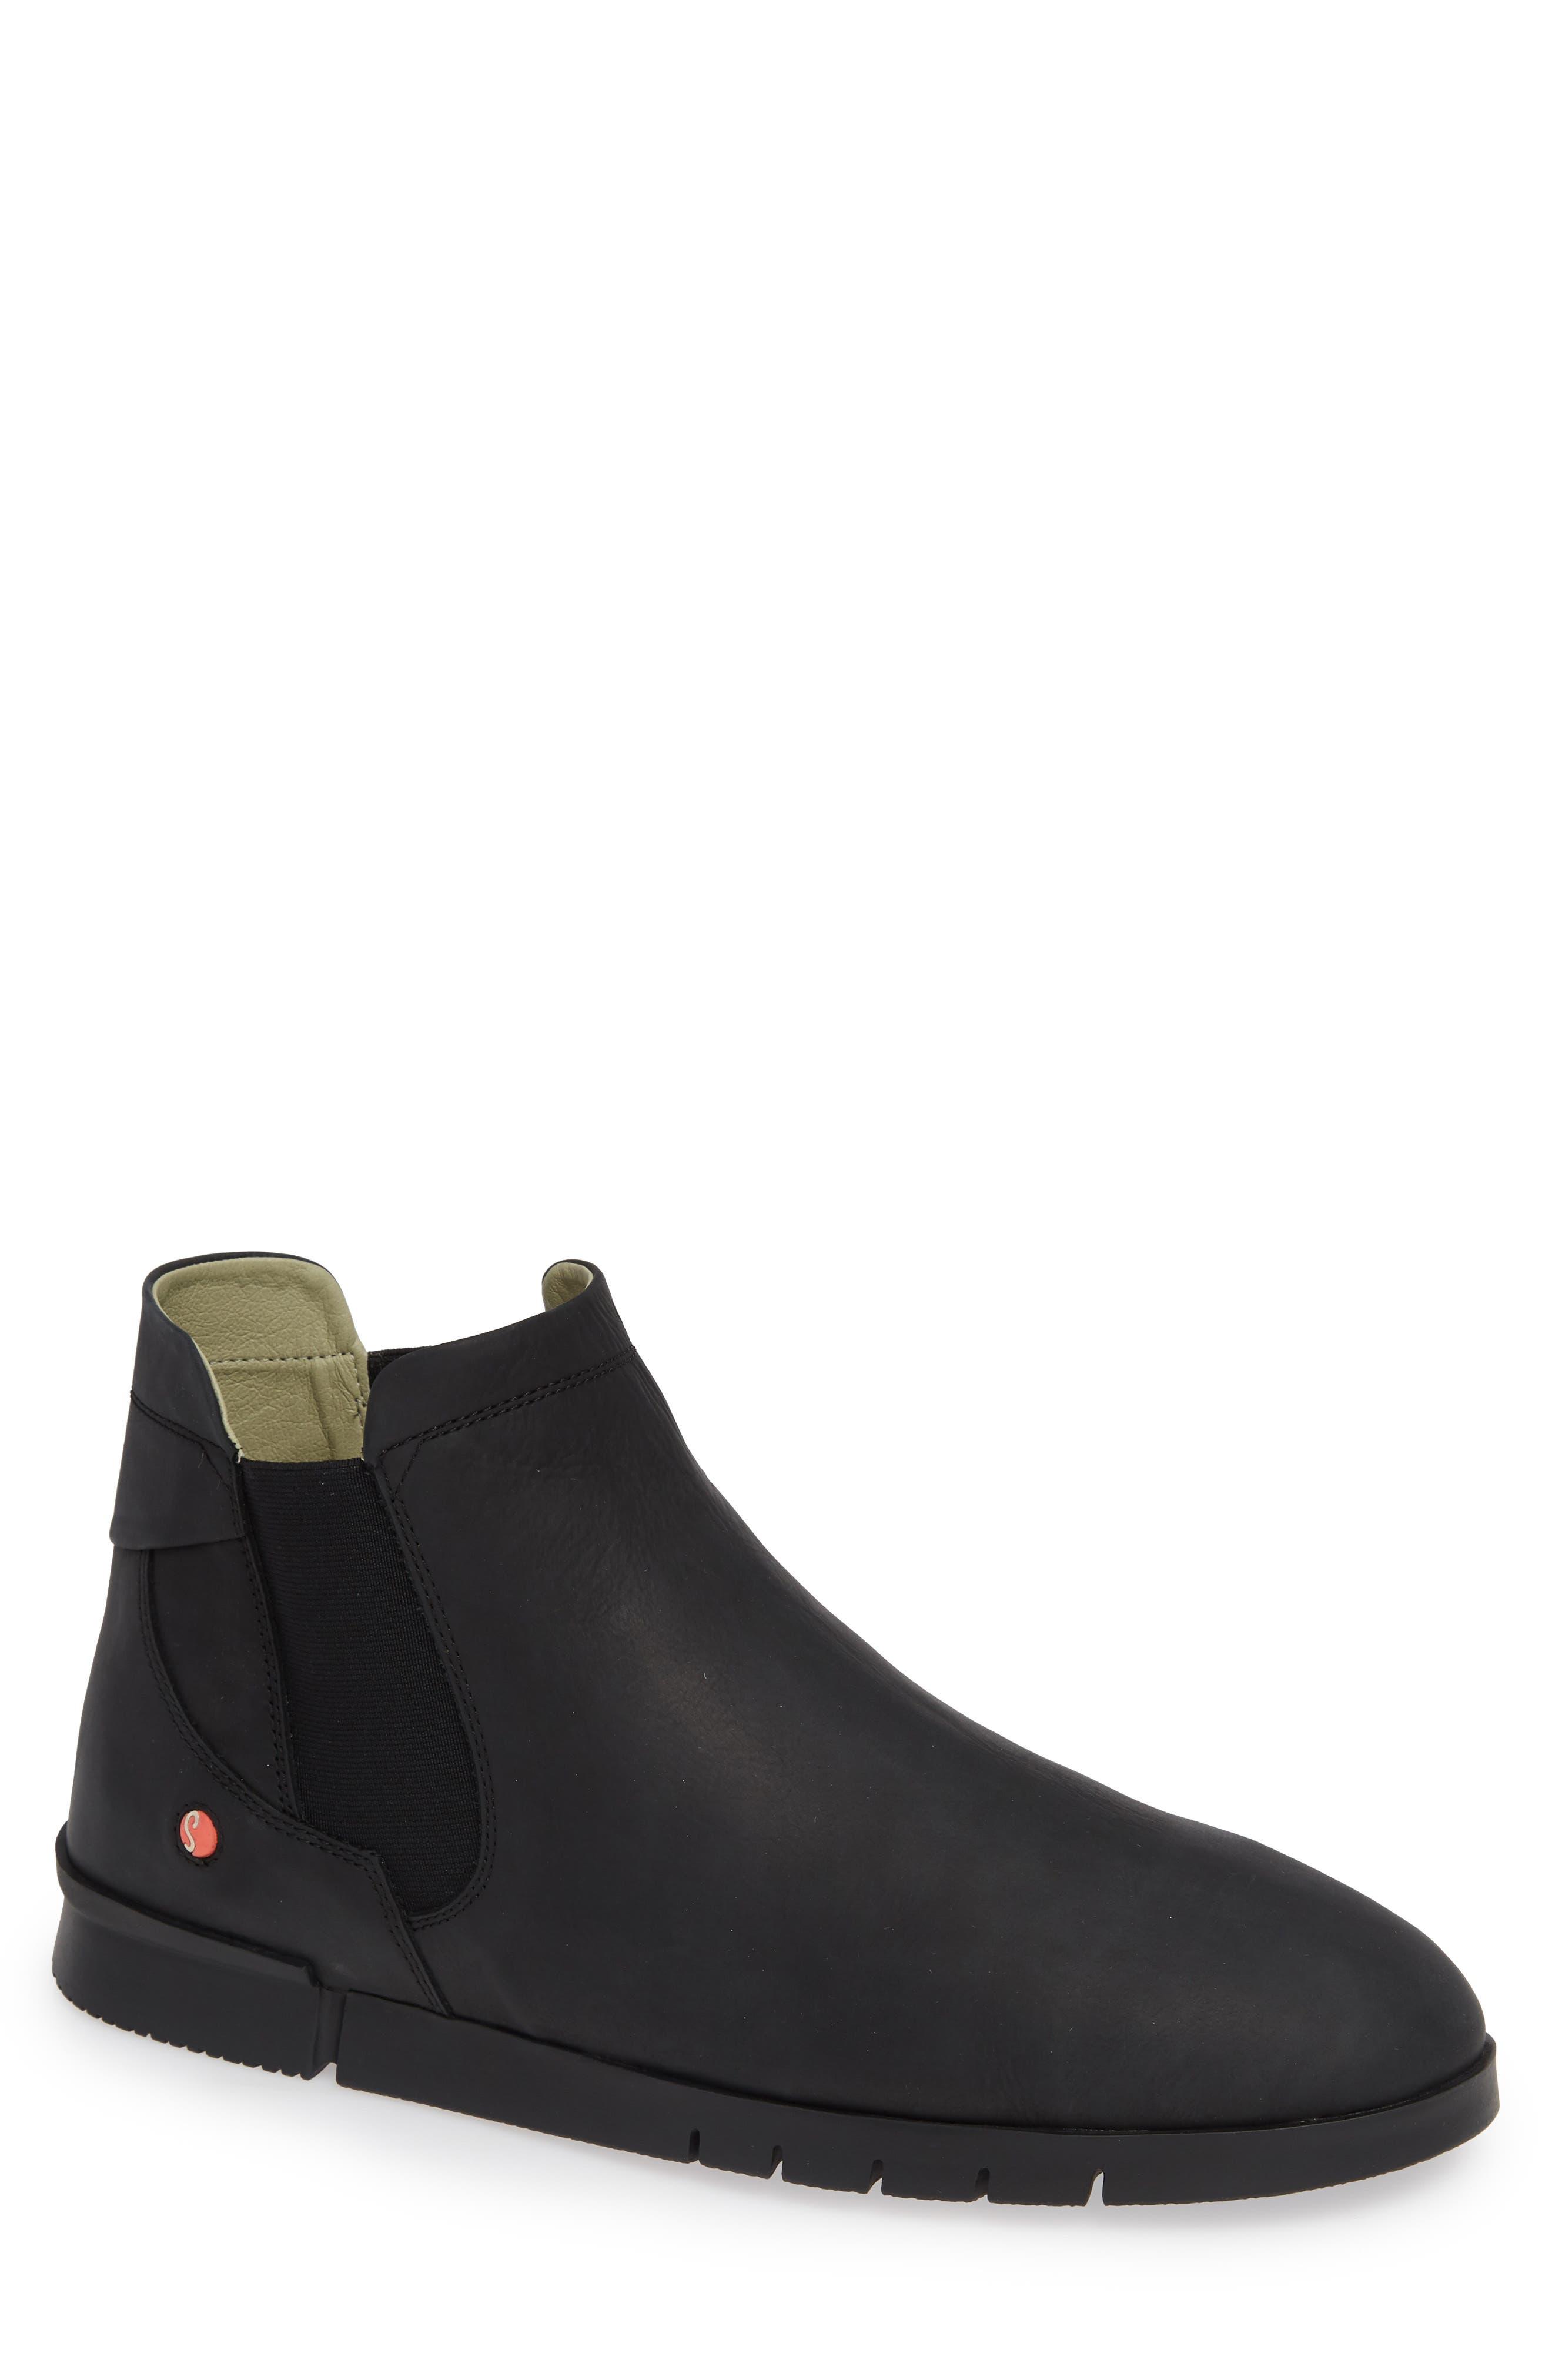 Cae Boot,                         Main,                         color, BLACK CORGI LEATHER